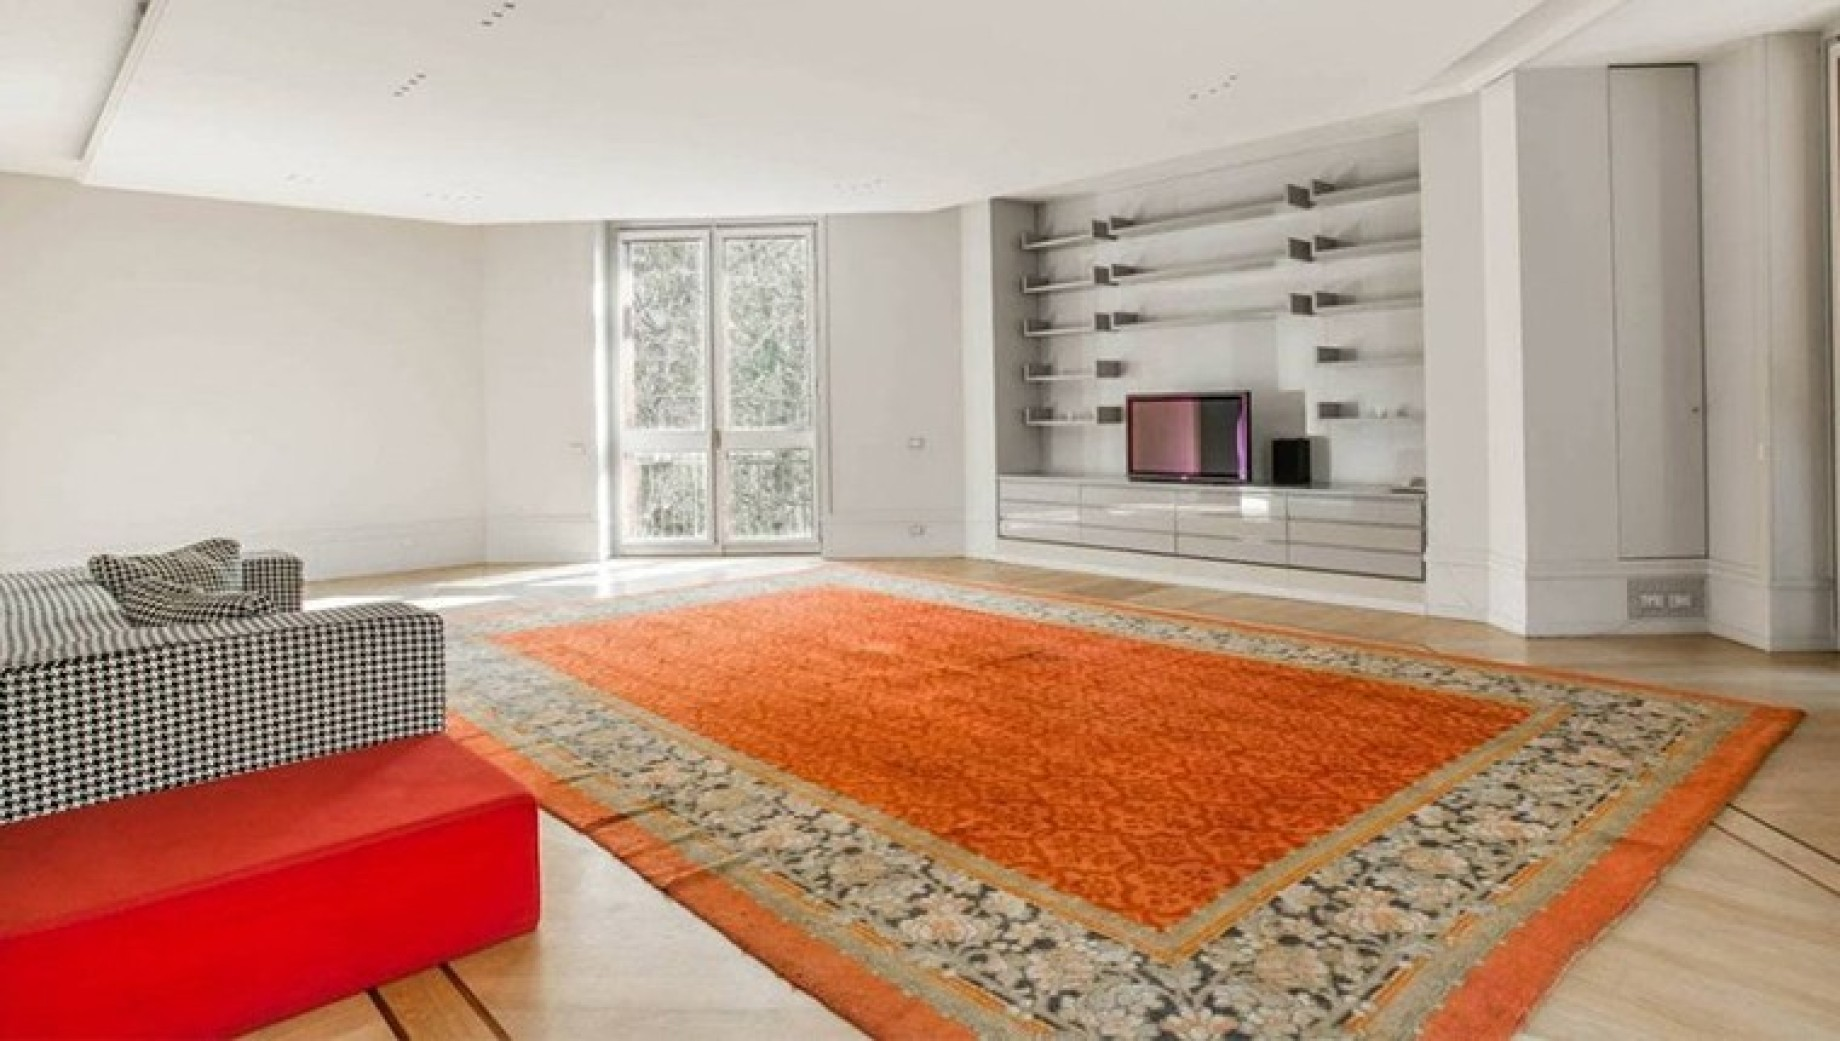 Aaa villa versace vendesi pieno centro a milano cifra da for Piani di casa di 5000 metri quadrati con seminterrato